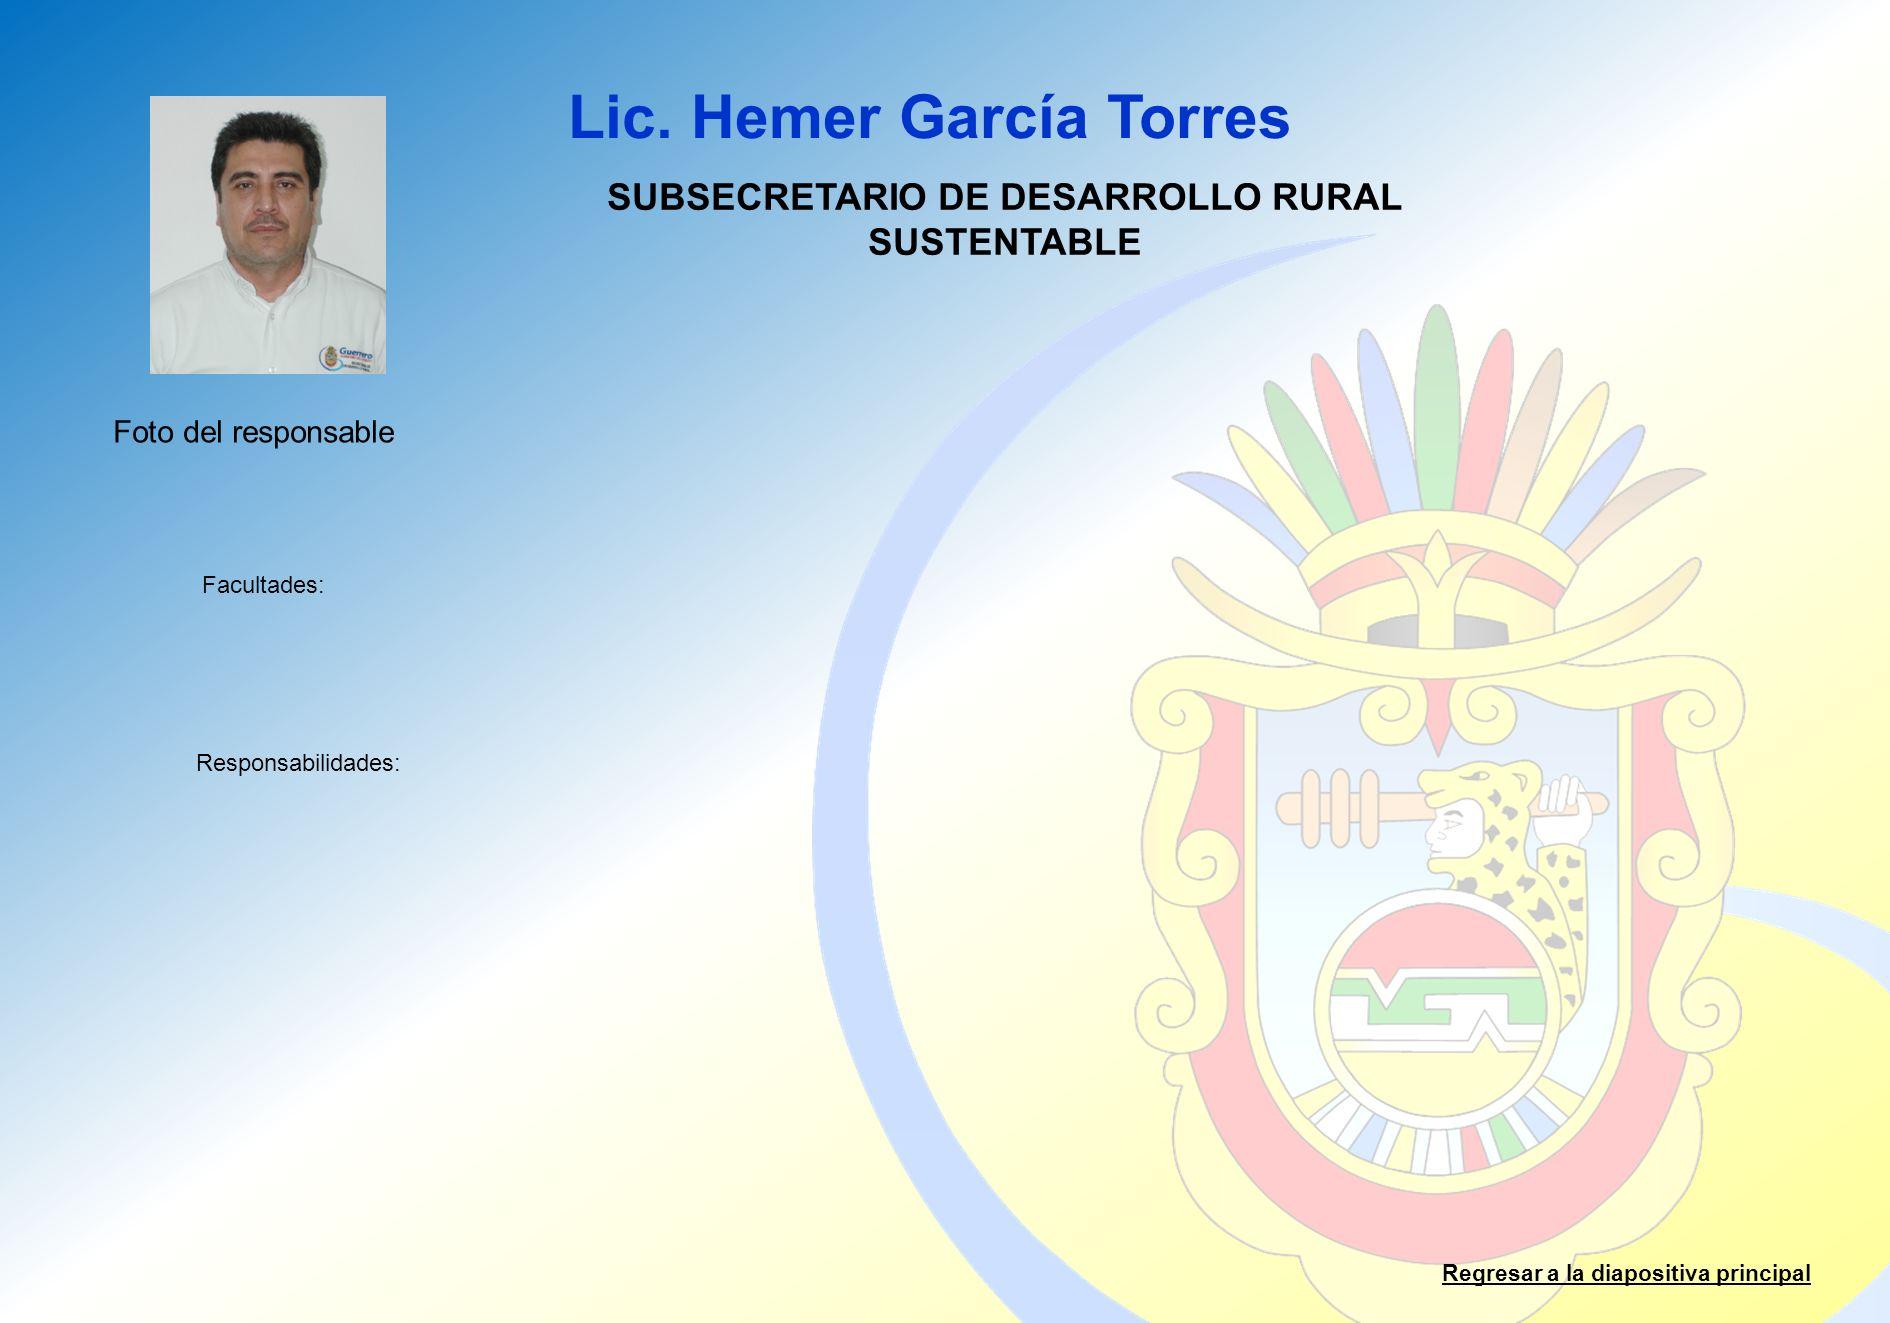 SUBSECRETARIO DE DESARROLLO RURAL SUSTENTABLE